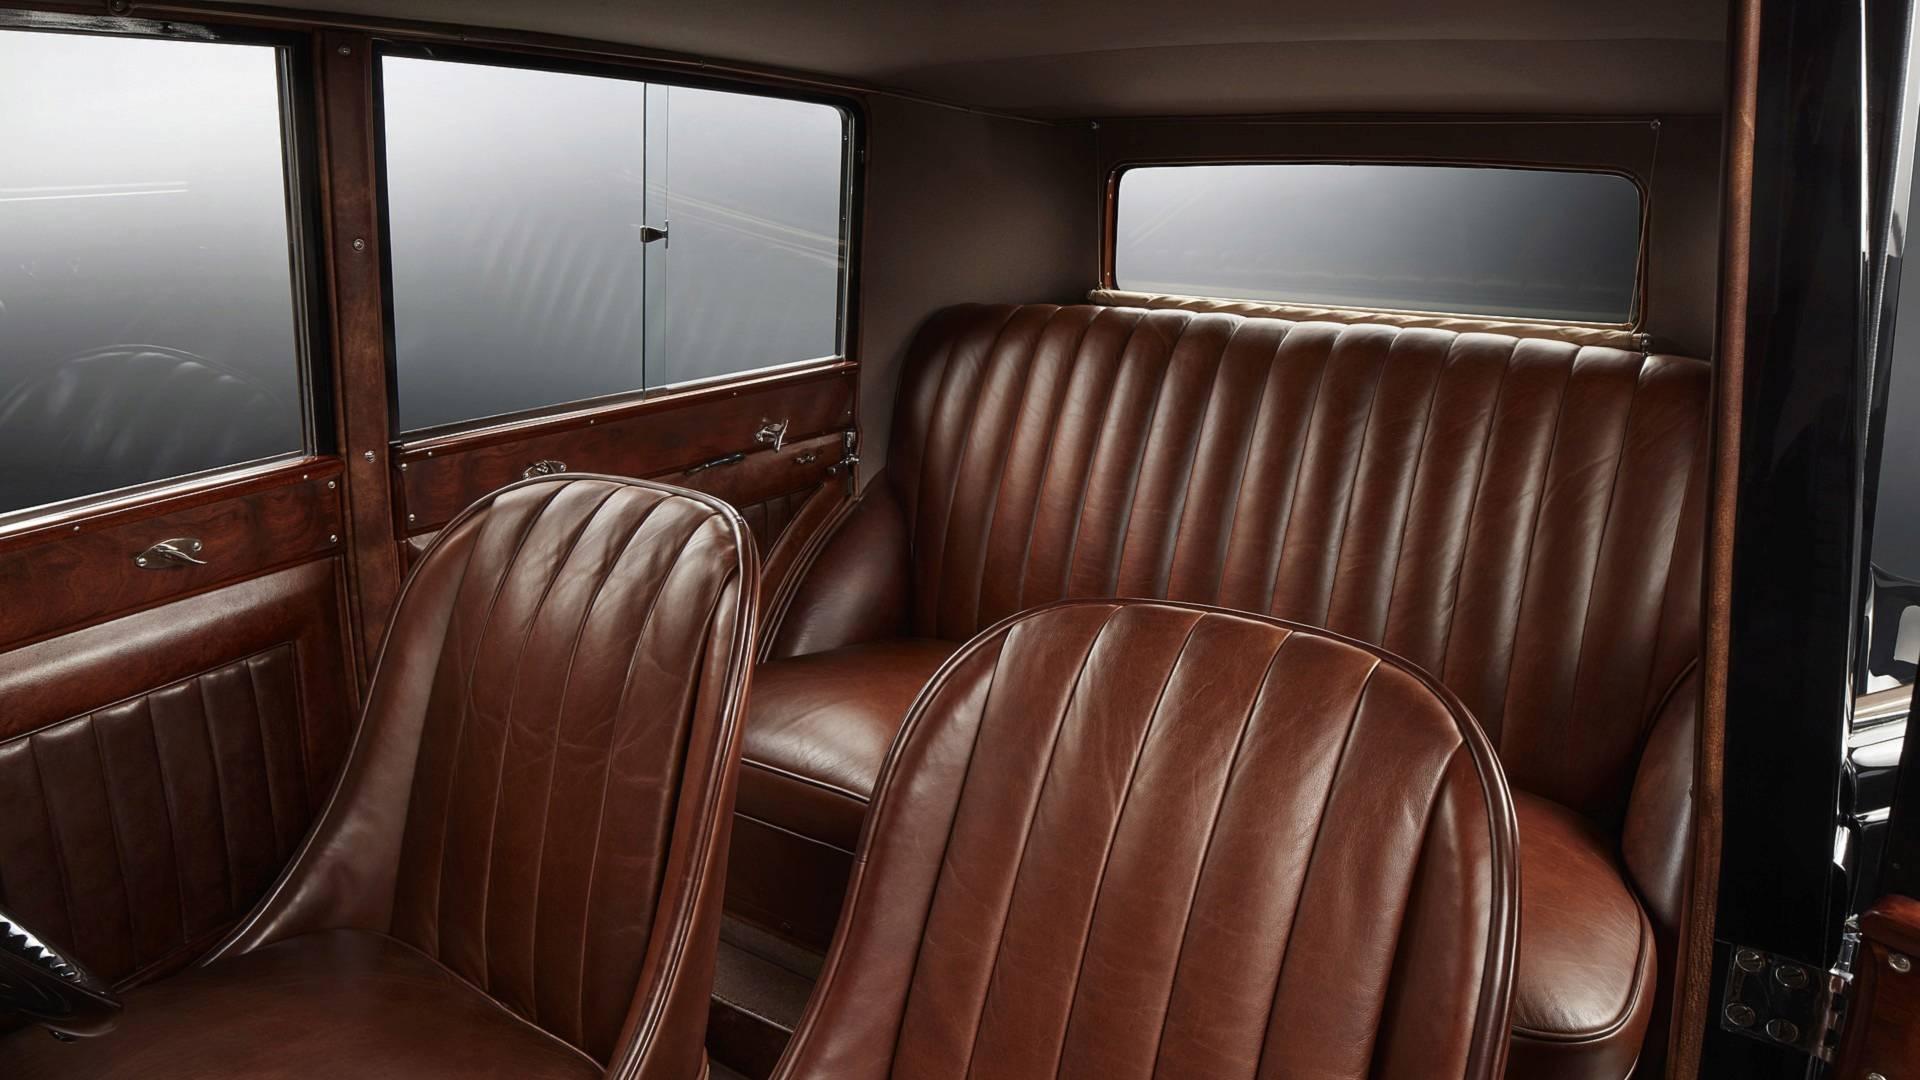 bentley-8-litre-interior (1).jpg